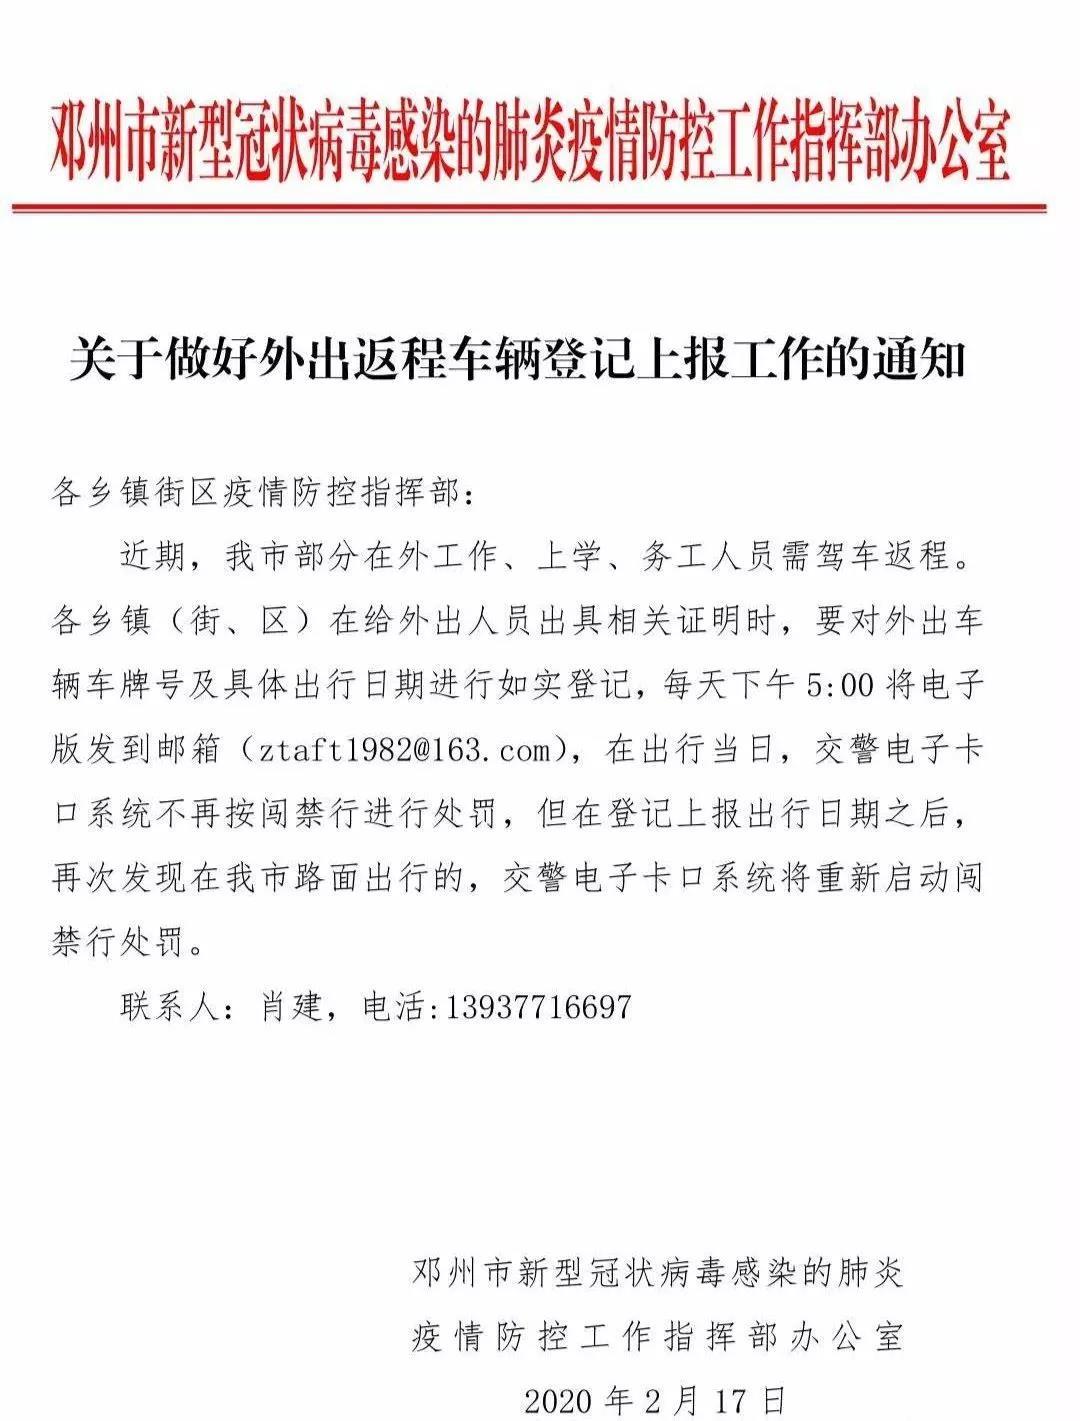 邓州新规:要对外出车辆车牌号及具体出行日期进行如实登记